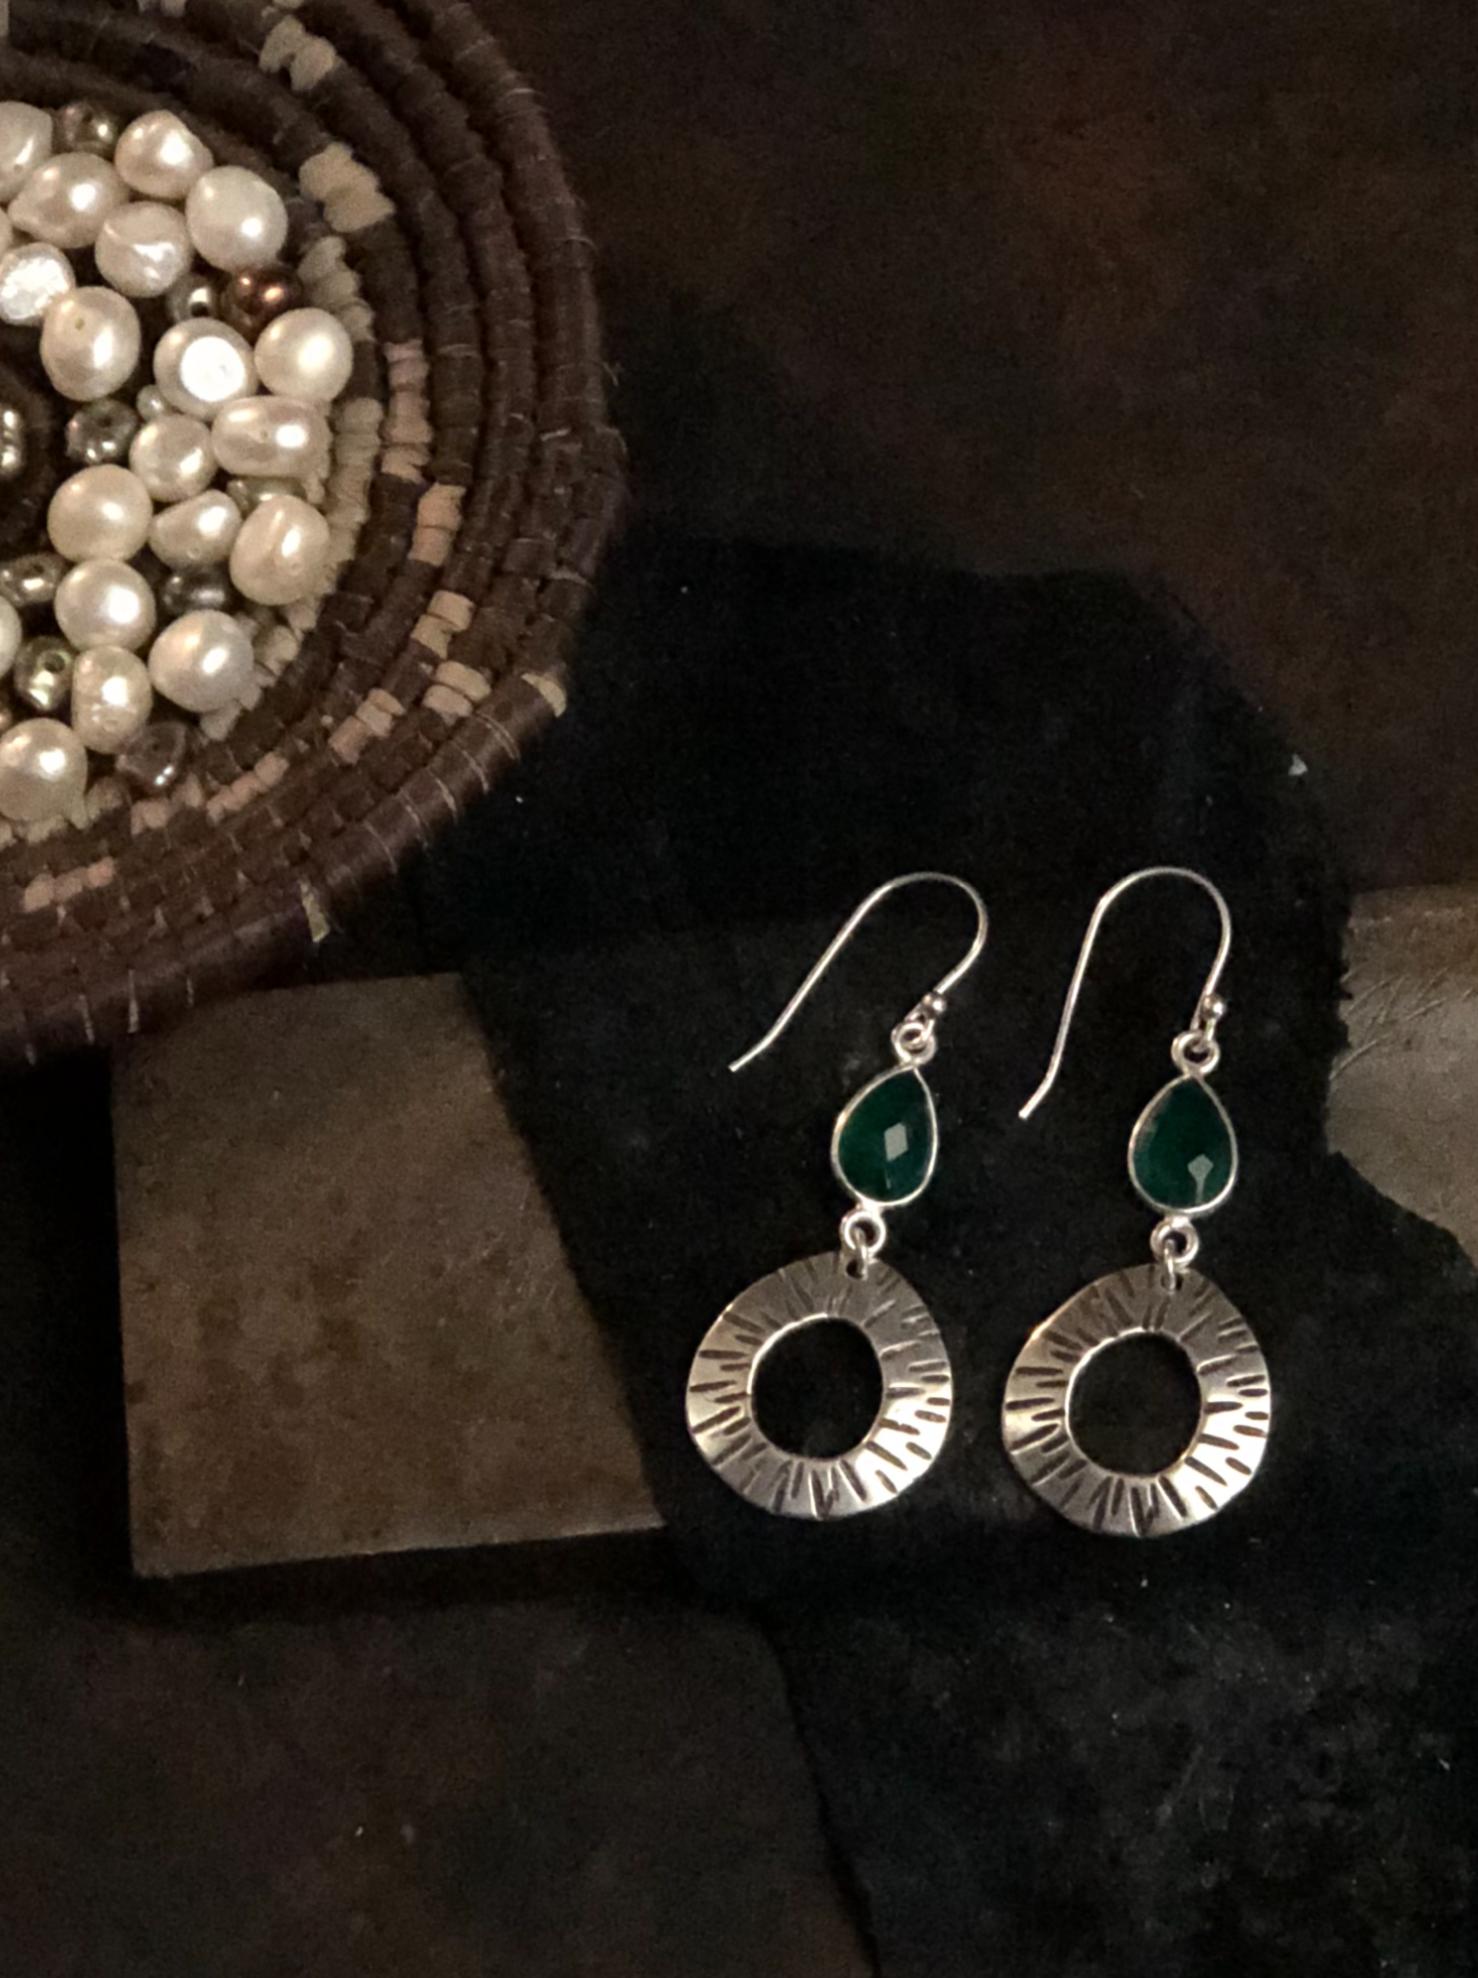 Green Onyx Hoop Earrings by Rosa Kilgore Jewelry